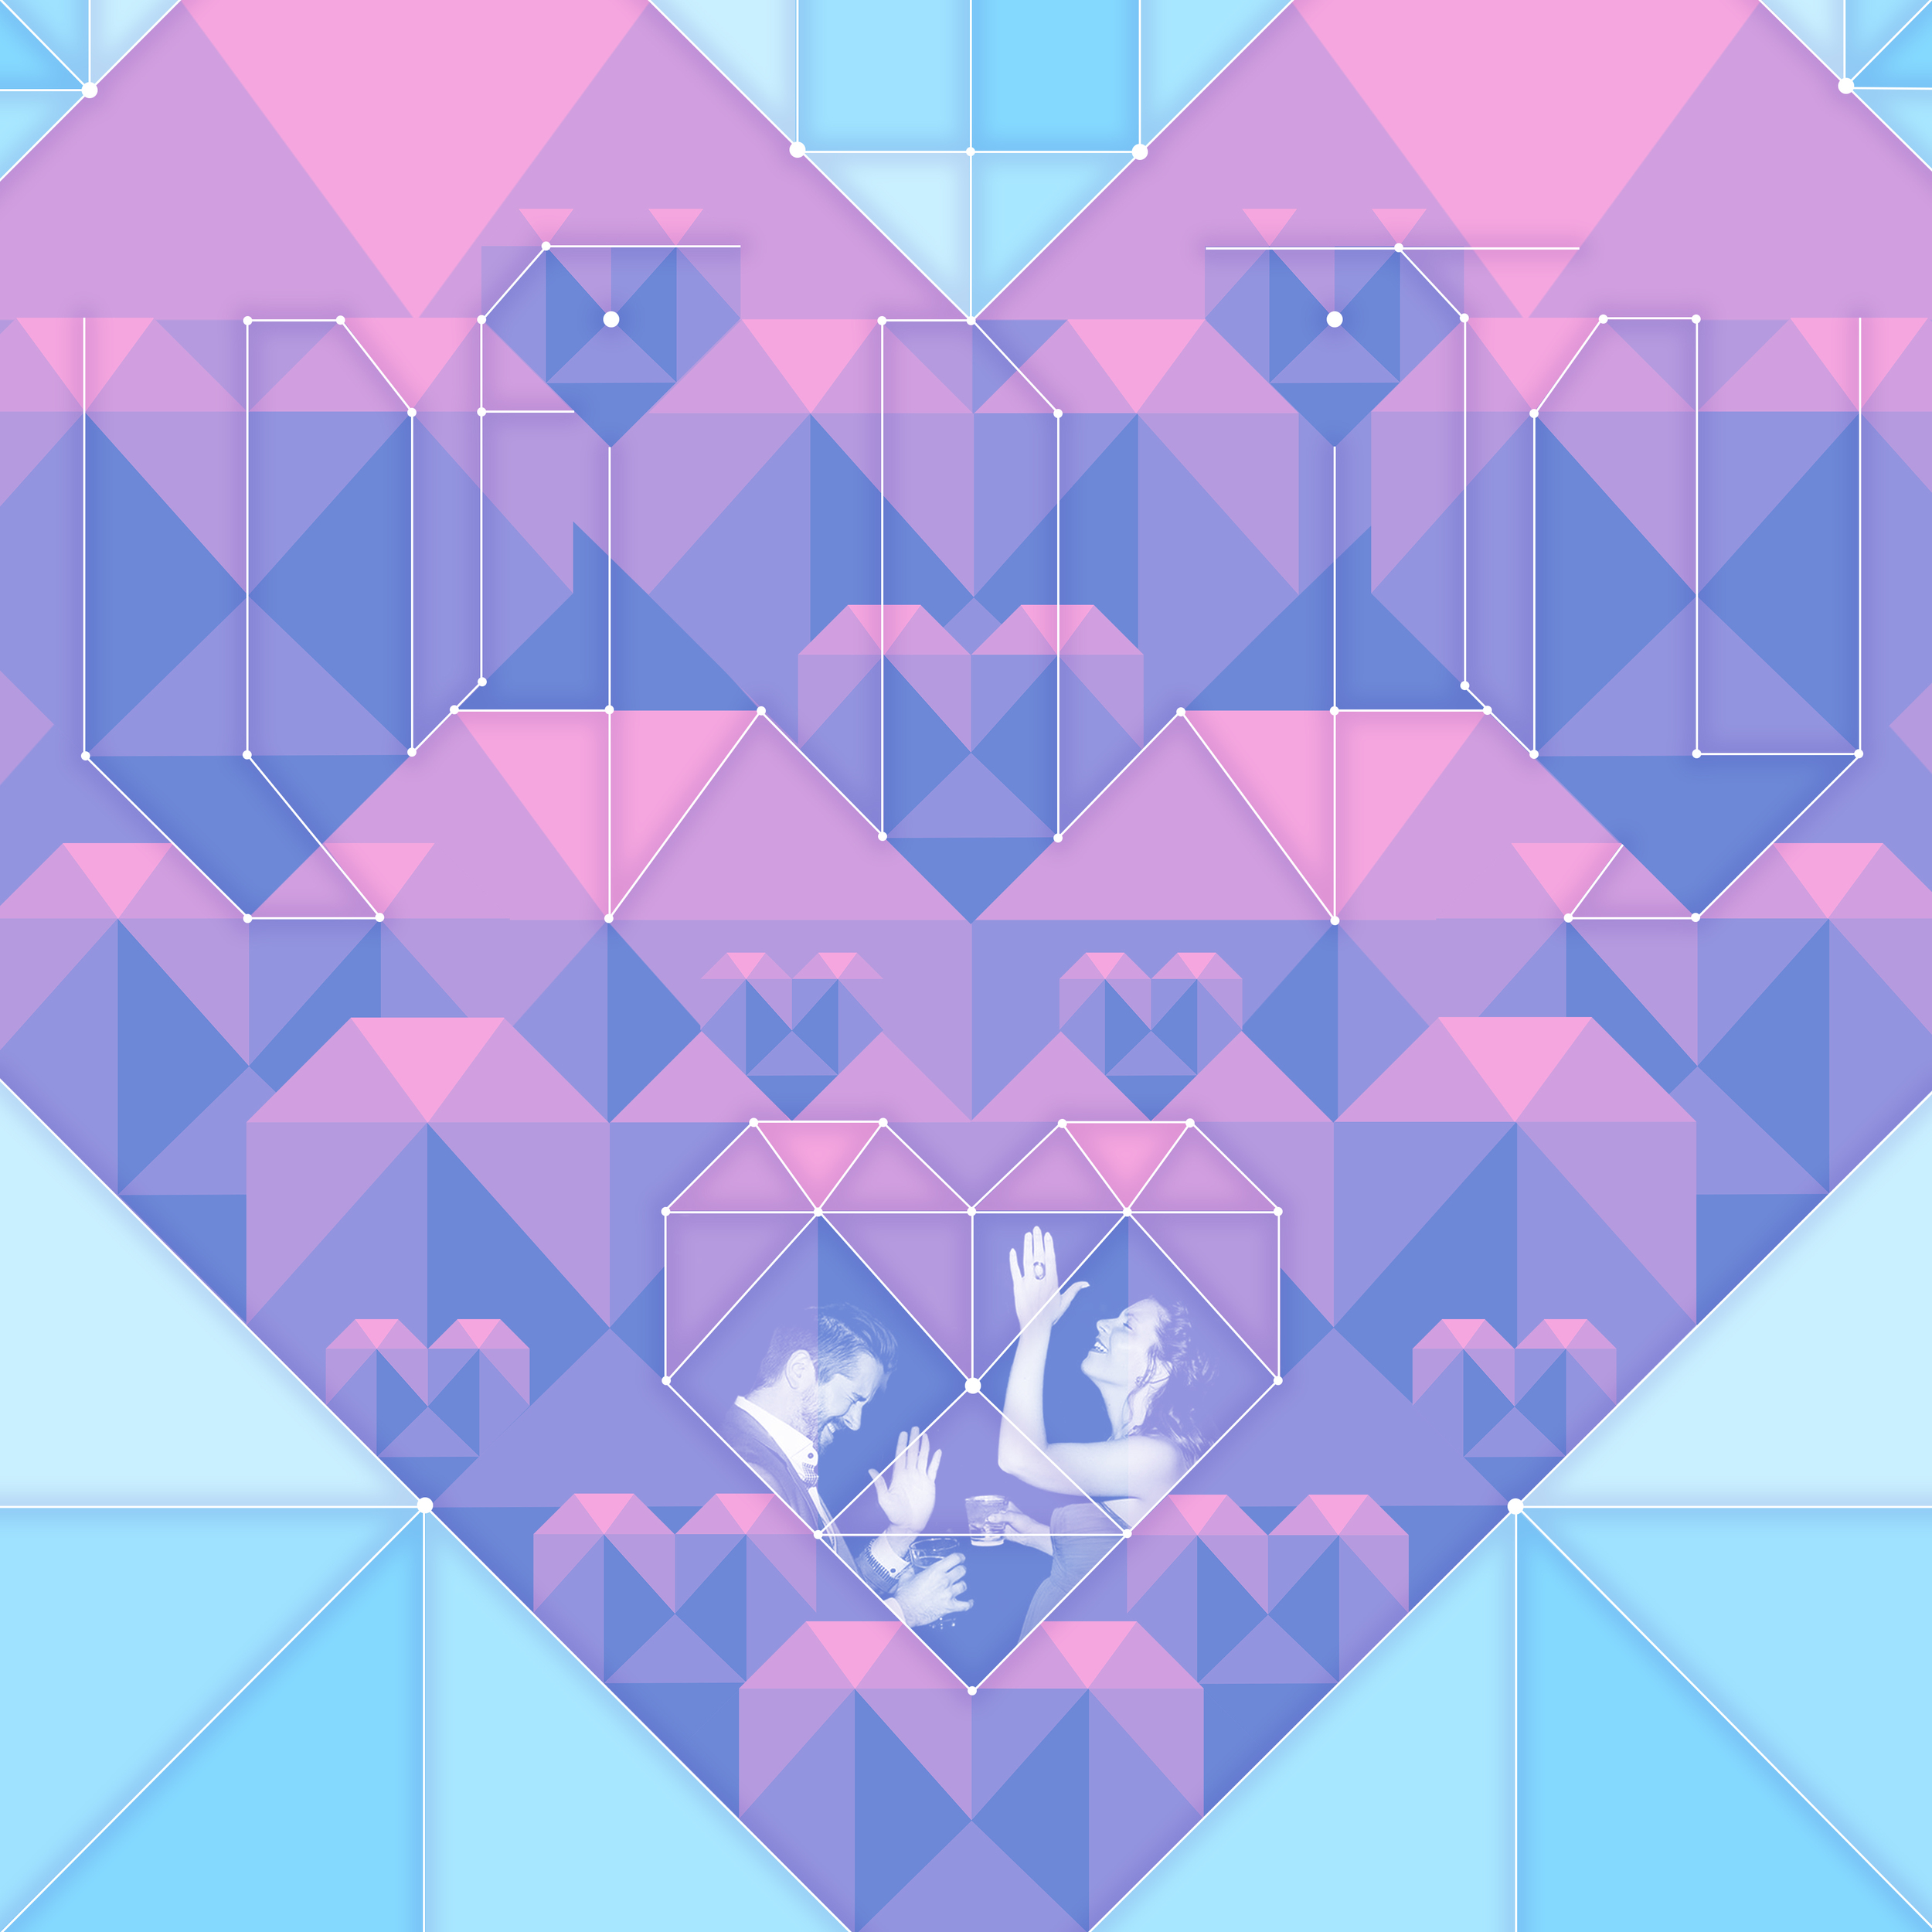 ..infinity hearts..